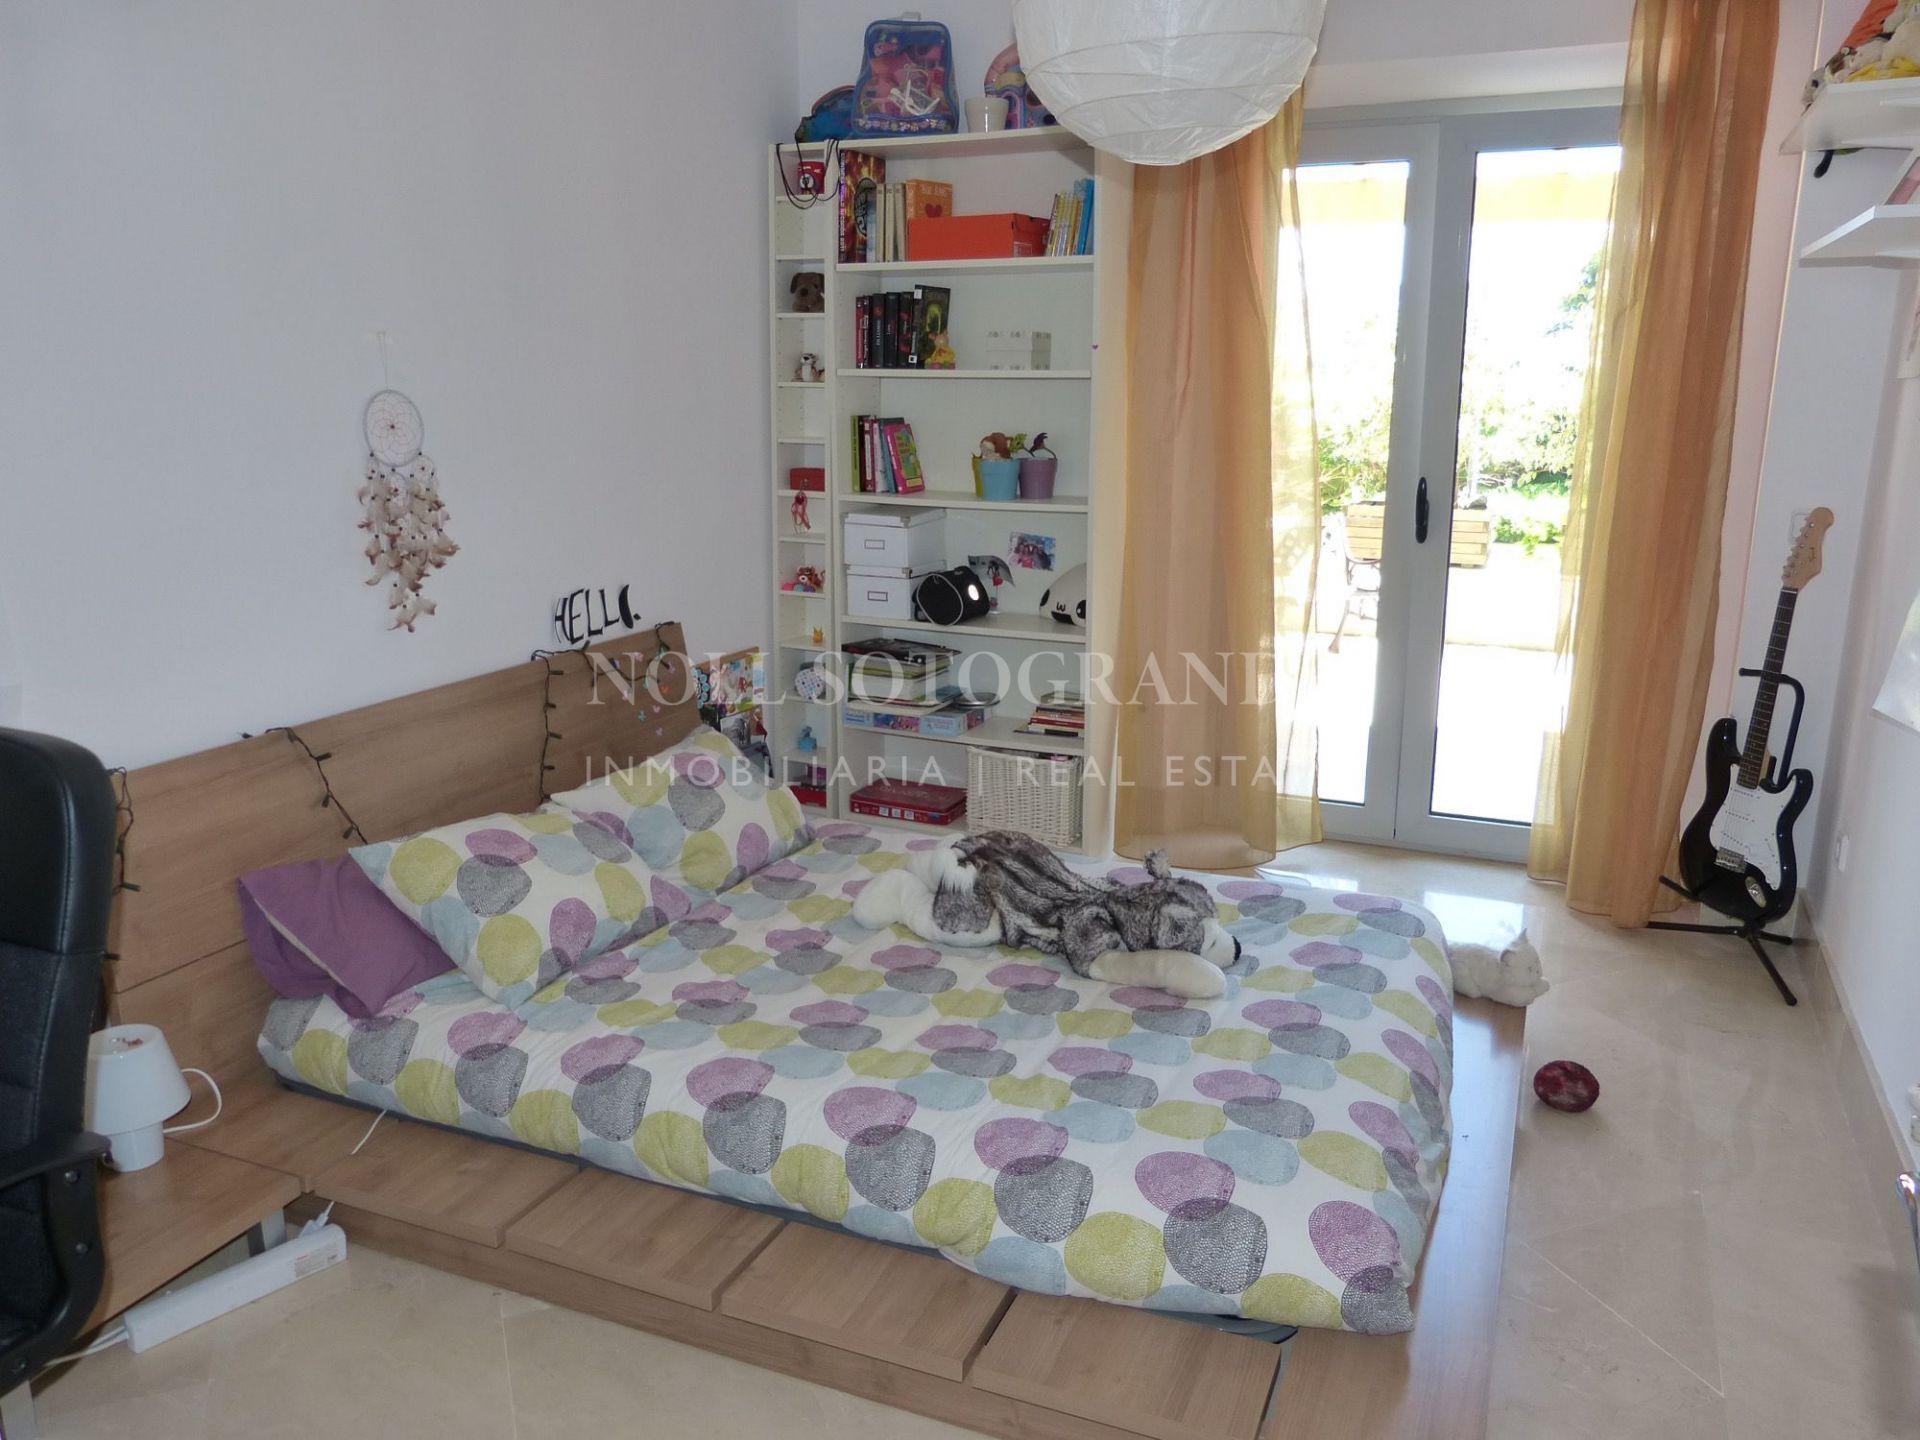 Apartment for rent Ribera del Corvo, Sotogrande